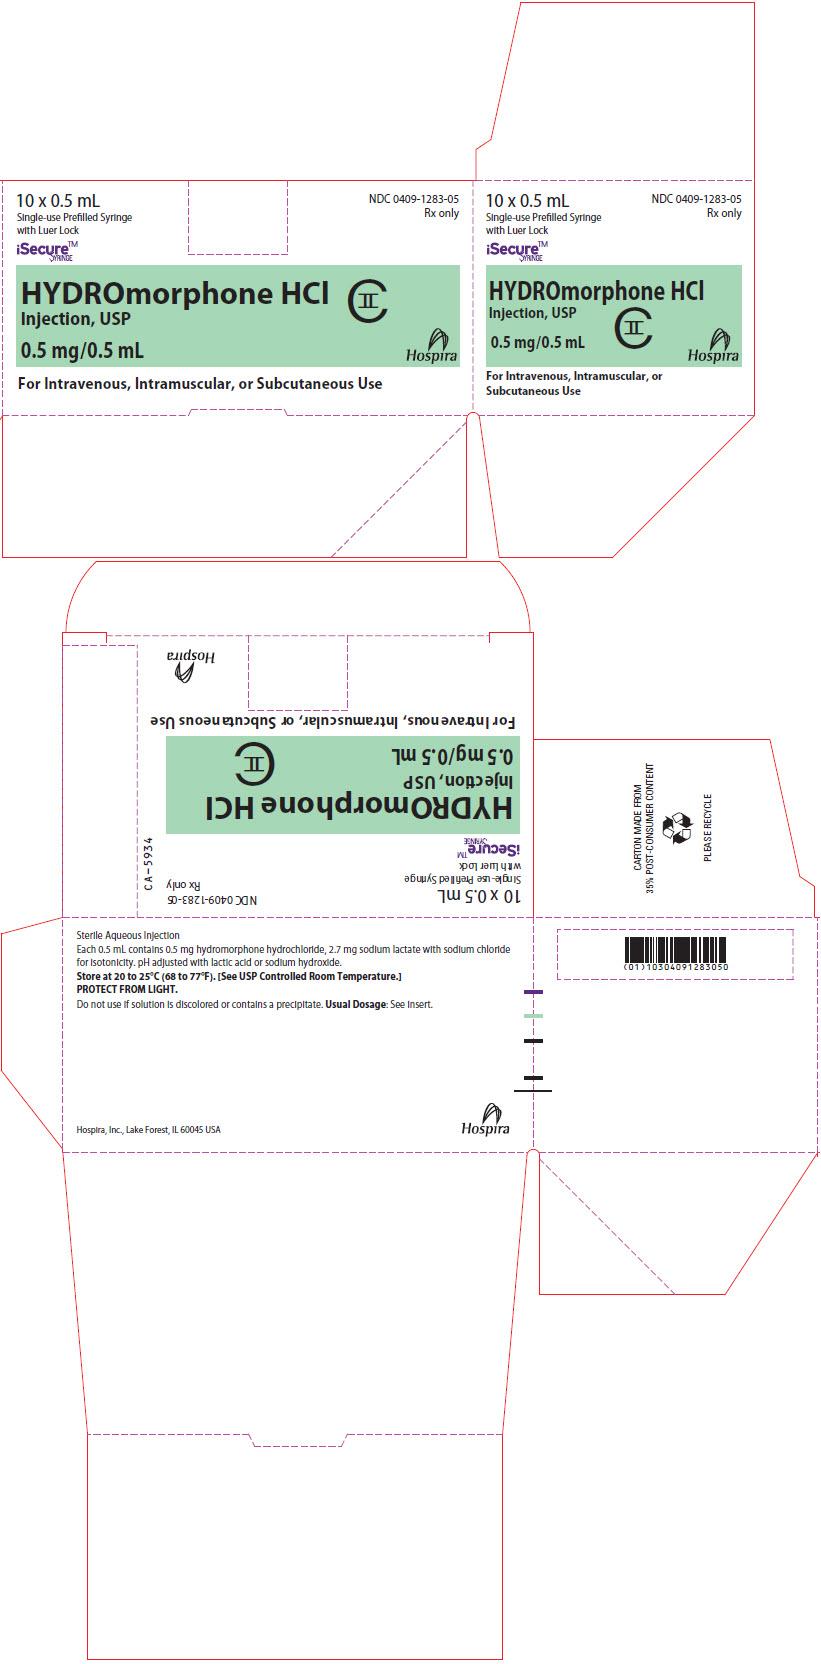 PRINCIPAL DISPLAY PANEL - 0.5 mL Syringe Box